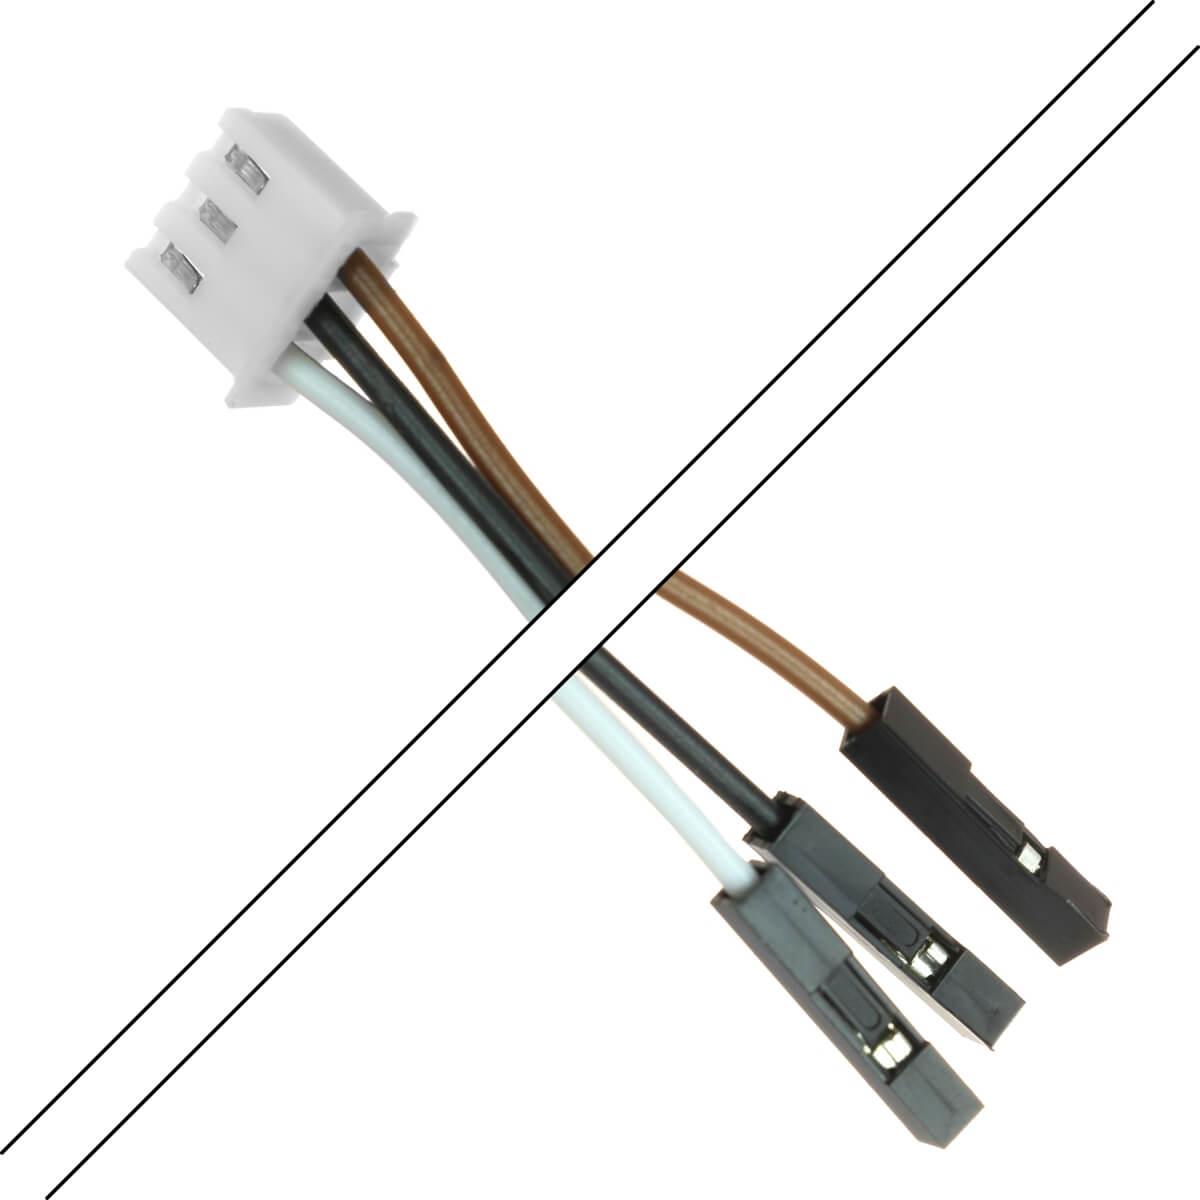 Câble XH 2.54mm Femelle / 2.54mm Standard Femelle 2 Connecteurs 3 pôles 15cm